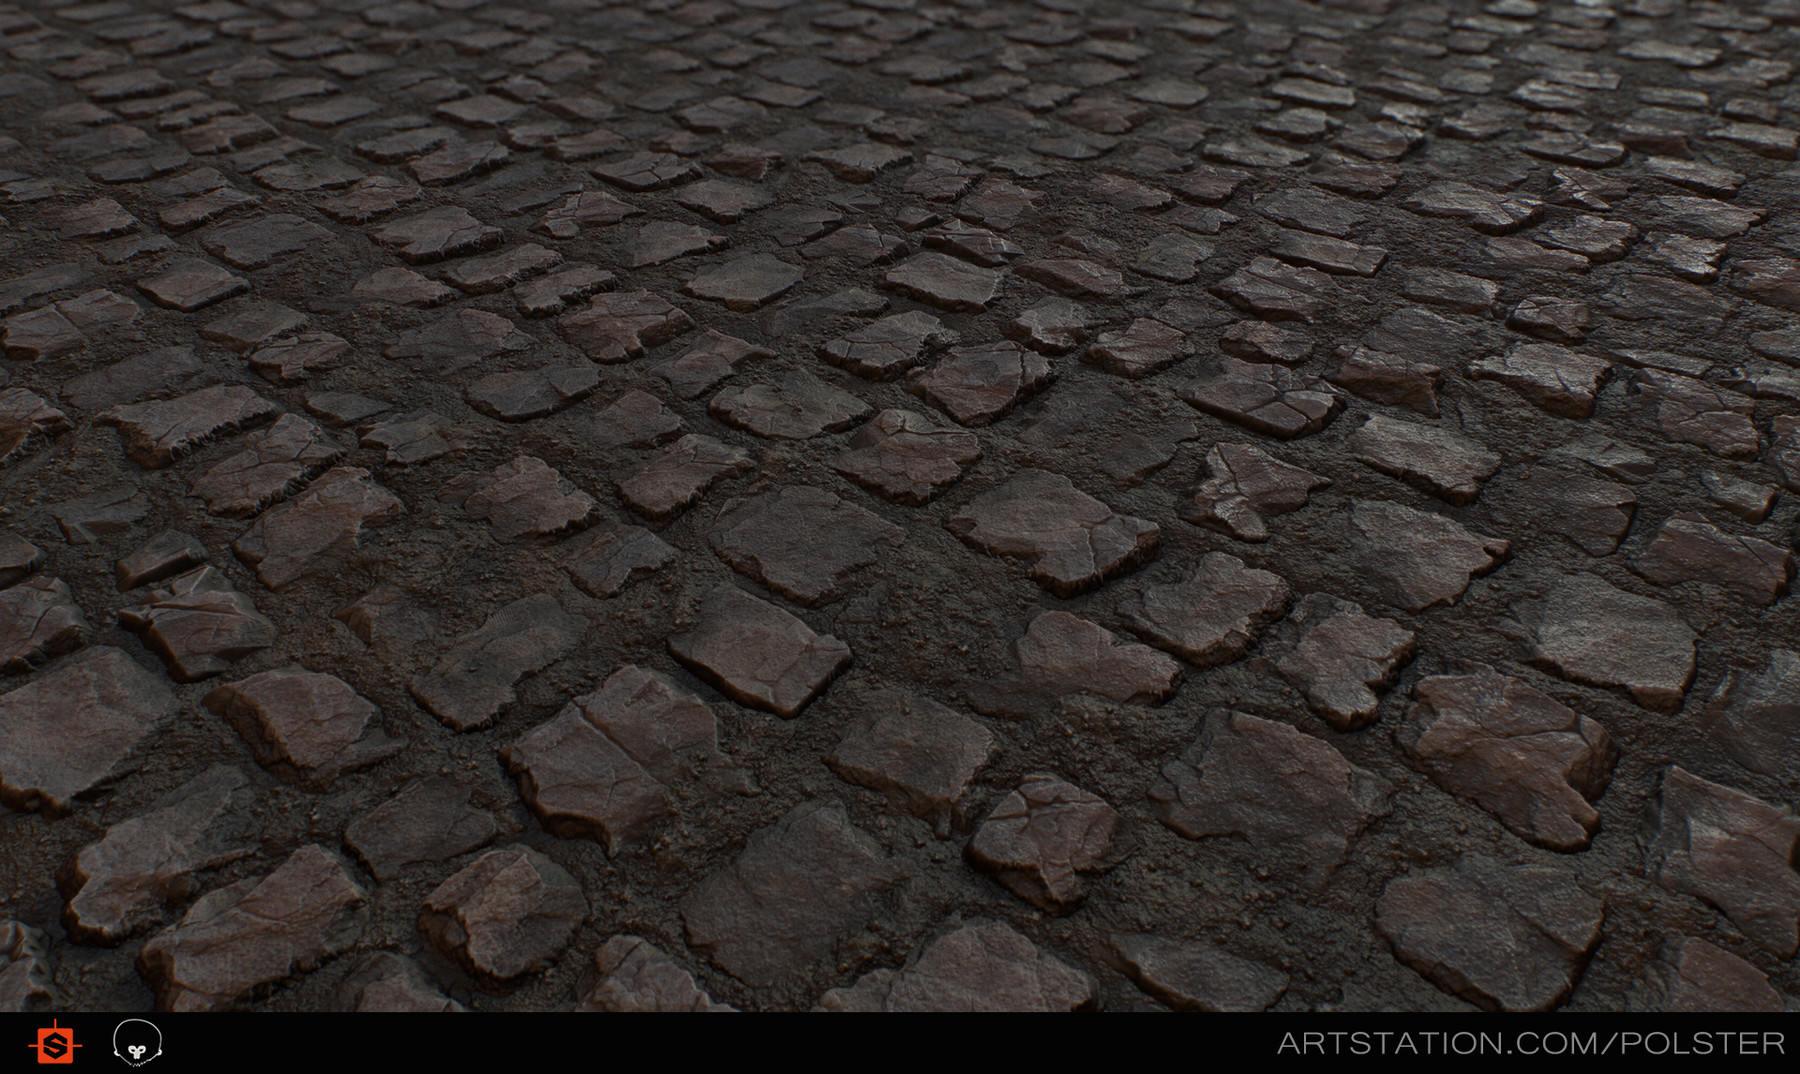 Rough cobblestone day